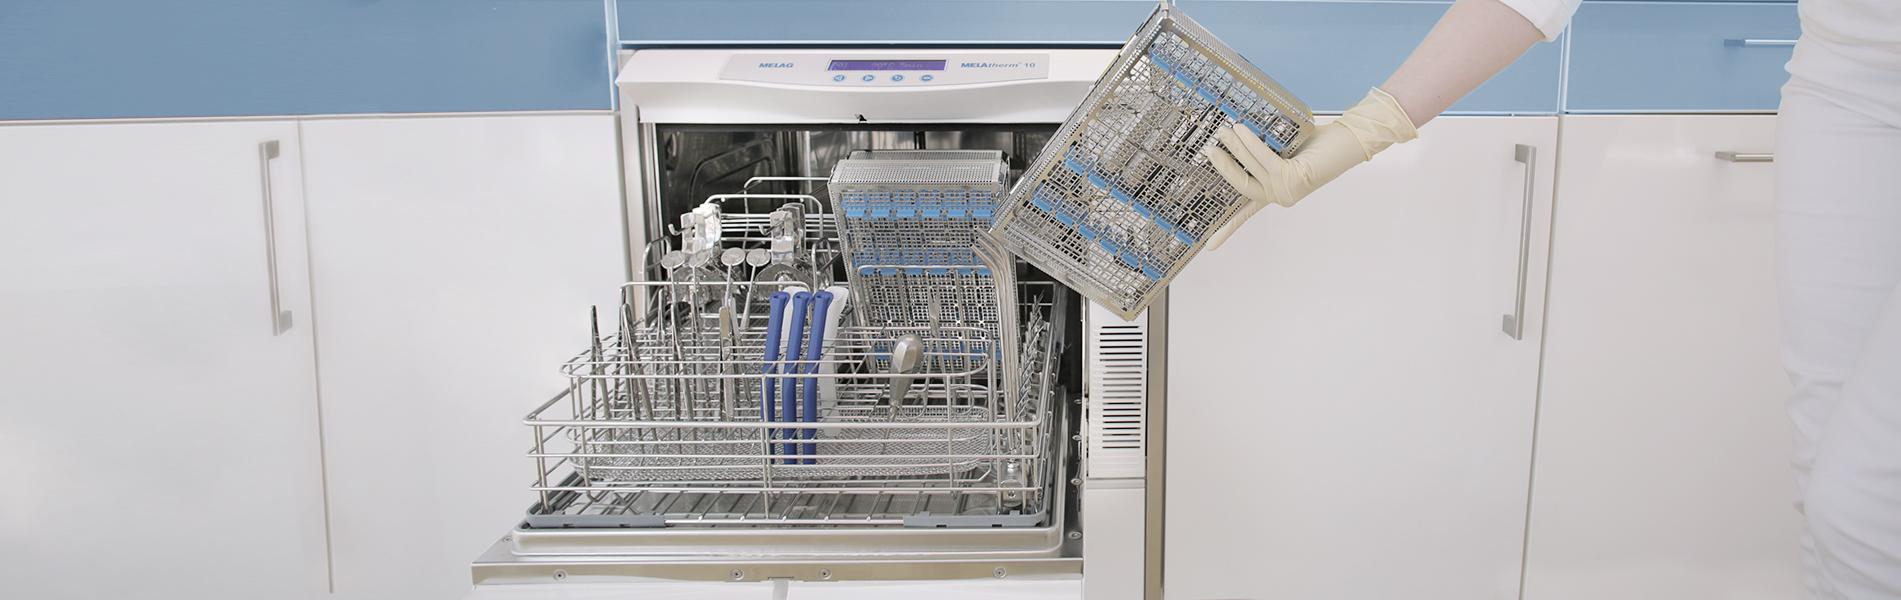 Mesin cuci disinfektor MELAtherm 10 terbuka